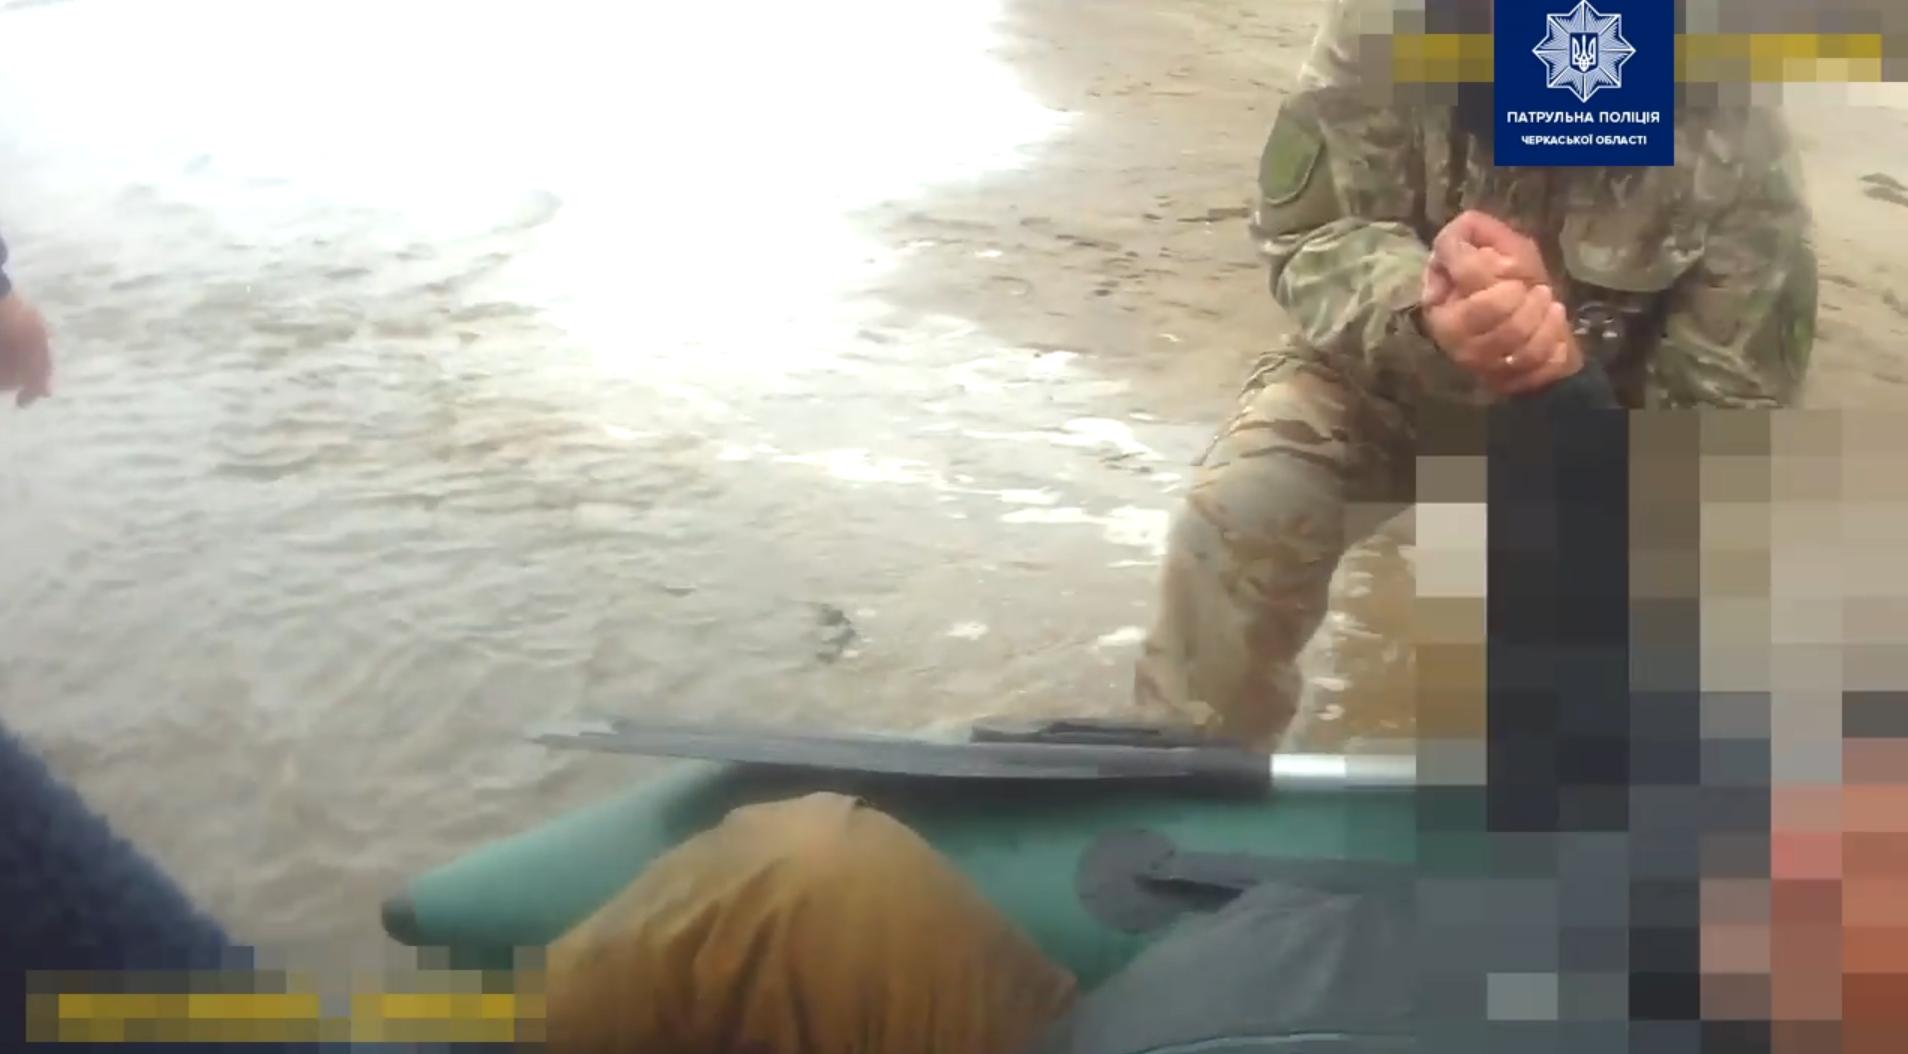 Поблизу Черкас чоловік разом з патрульними врятували життя рибалці (ВІДЕО)